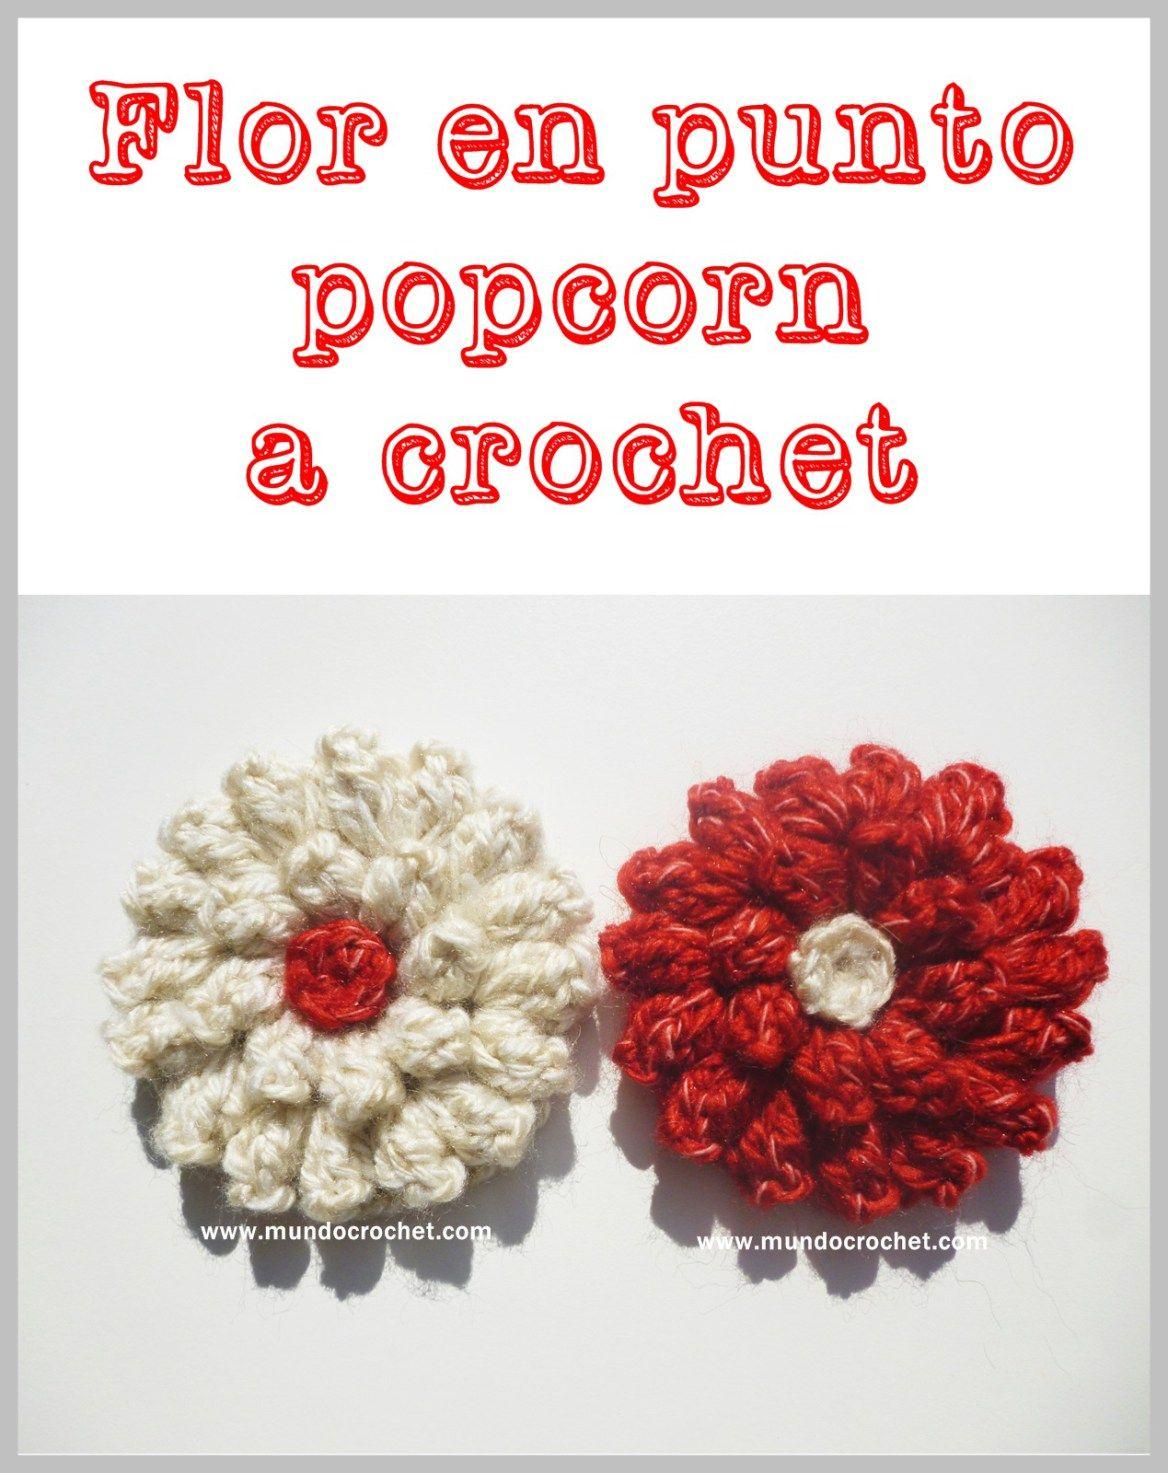 Patron flor en punto popcorn a crochet o ganchillo | Flores, hojas ...